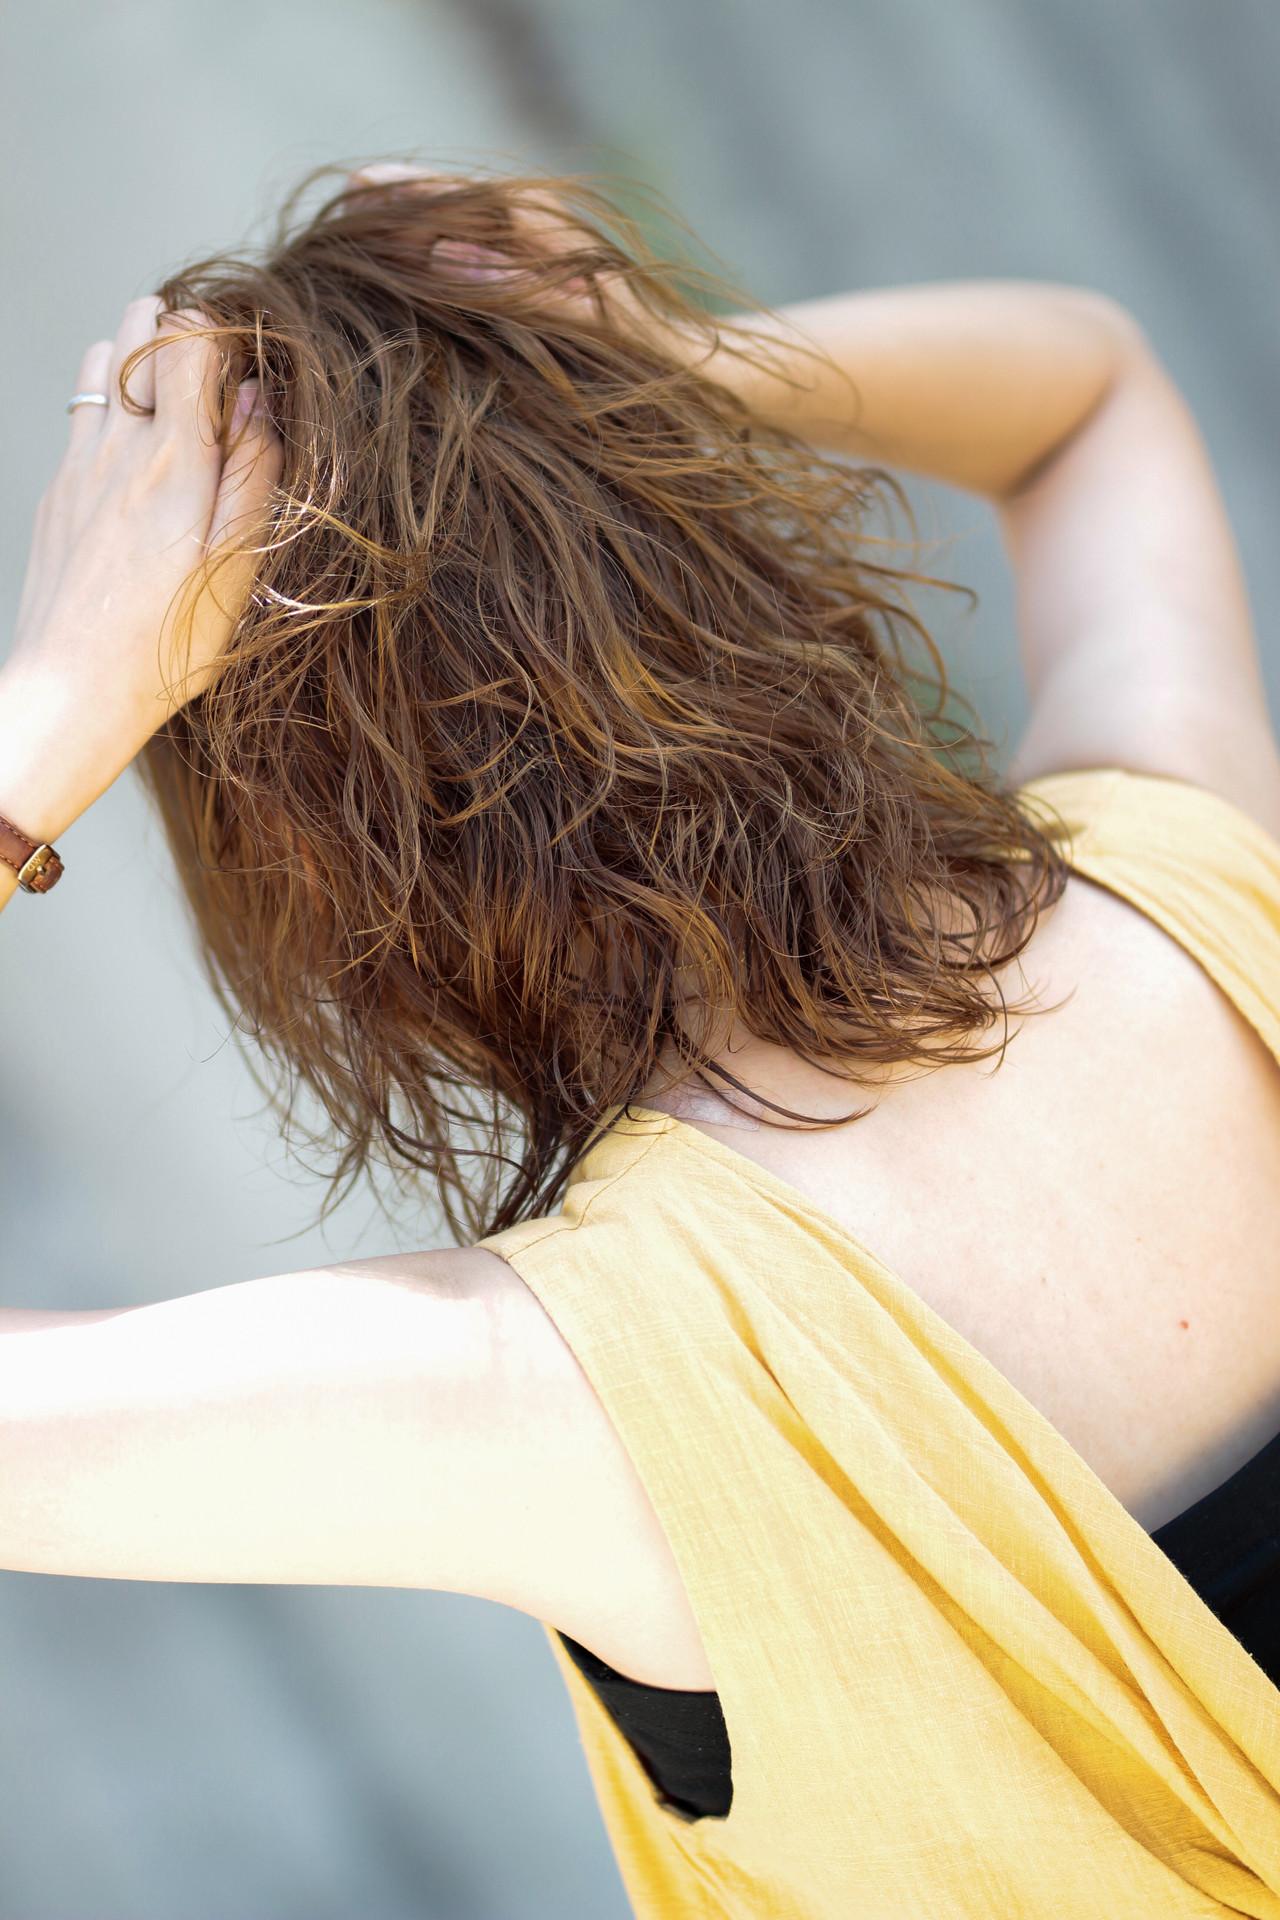 ゆるふわセット 毛先パーマ 無造作パーマ デジタルパーマ ヘアスタイルや髪型の写真・画像